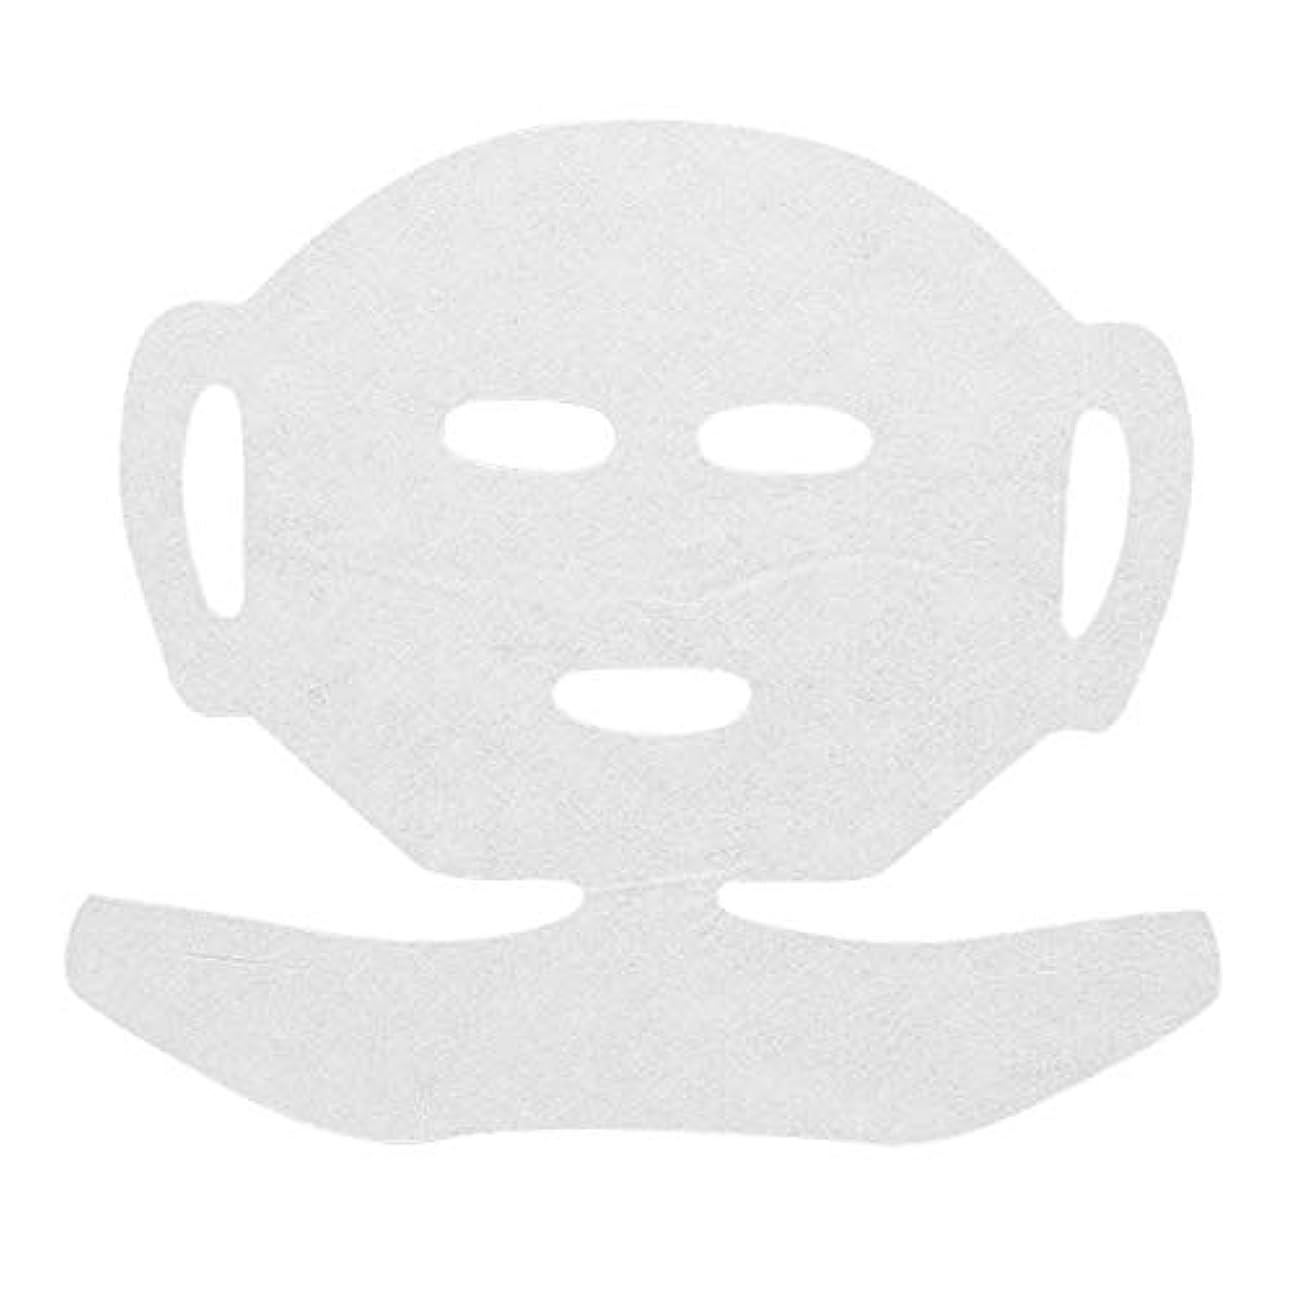 アルバムかみそりお勧め高保水 フェイシャルシート (マスクタイプネック付き 化粧水無し) 80枚 29×20cm [ フェイスマスク フェイスシート フェイスパック フェイシャルマスク シートマスク フェイシャルシート フェイシャルパック ローションマスク...